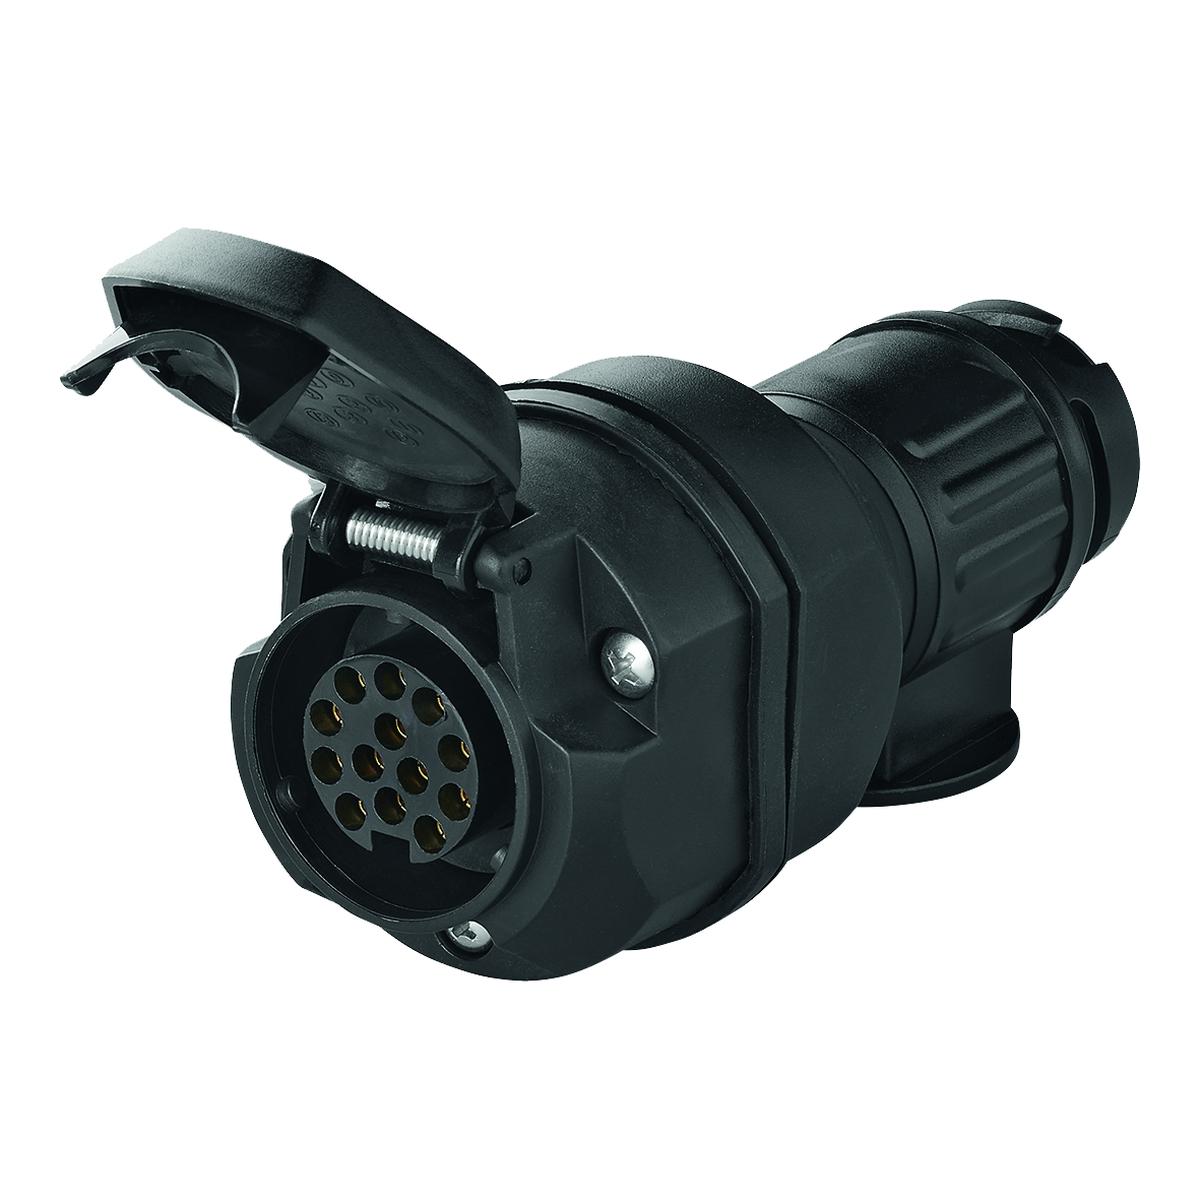 LED-Beleuchtungsadapter von 13- auf 13-polig